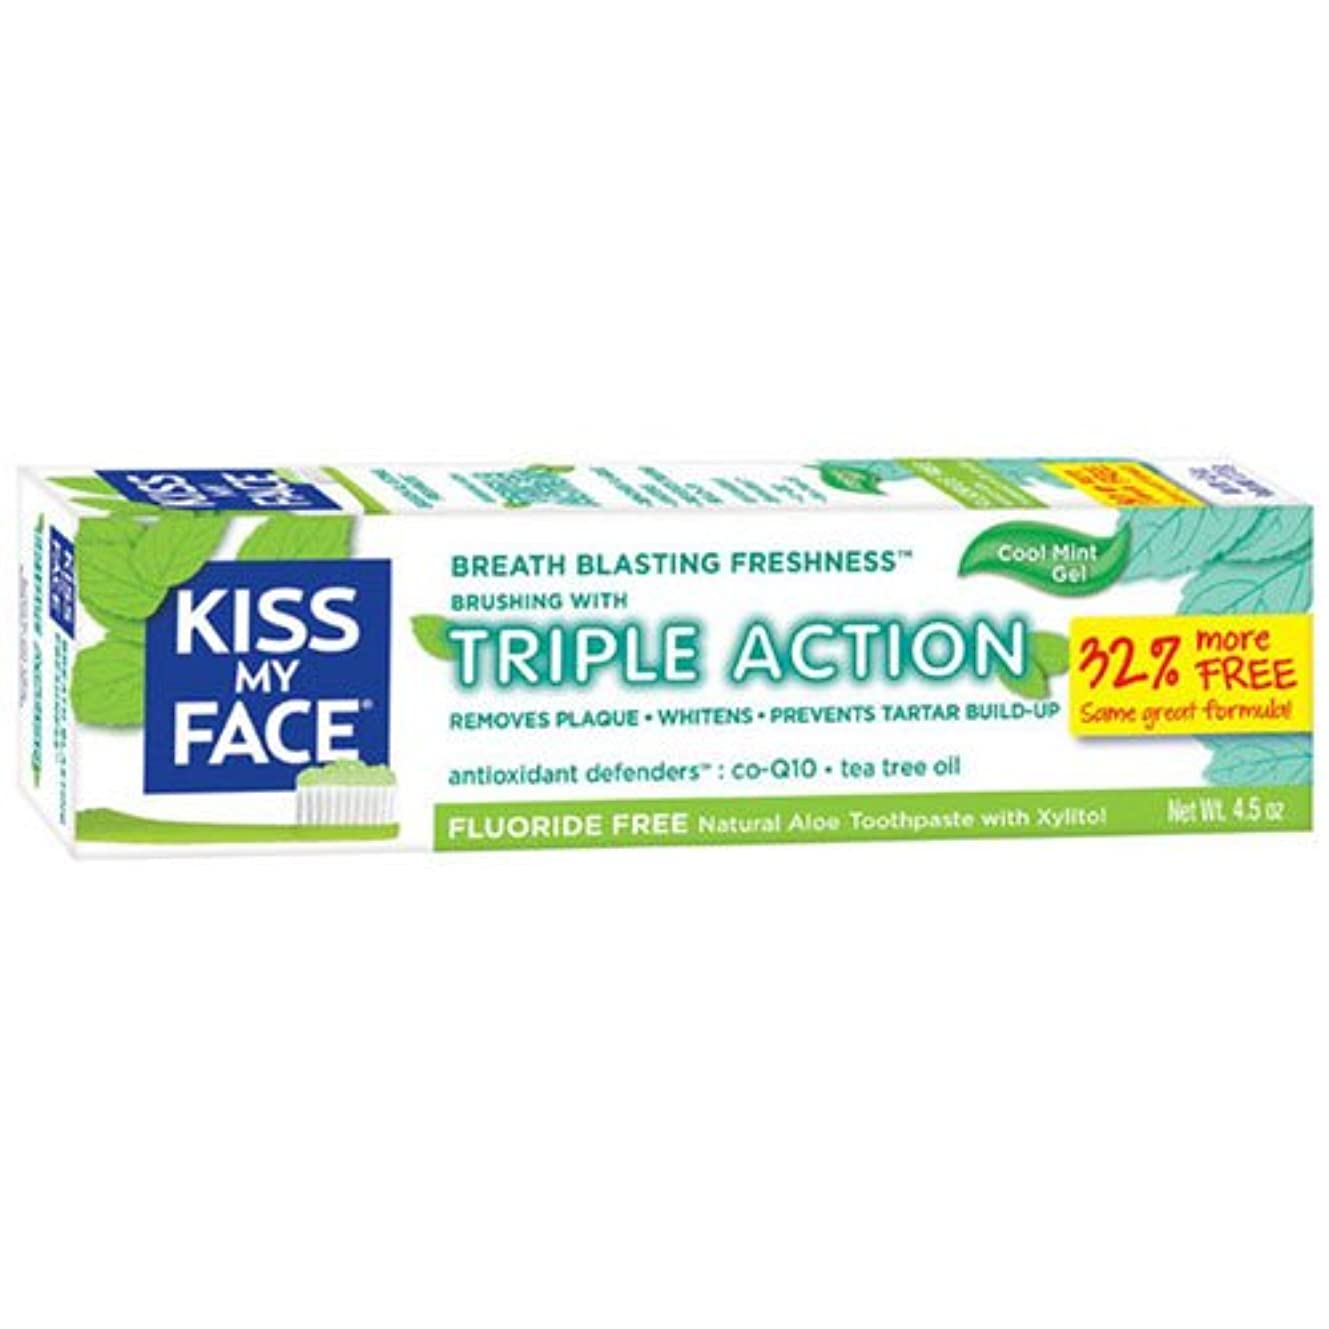 アンデス山脈アレルギー性赤外線Kiss My Face ハミガキトリプルアクションミントジェル4.5オンスクール(133Ml)(3パック)